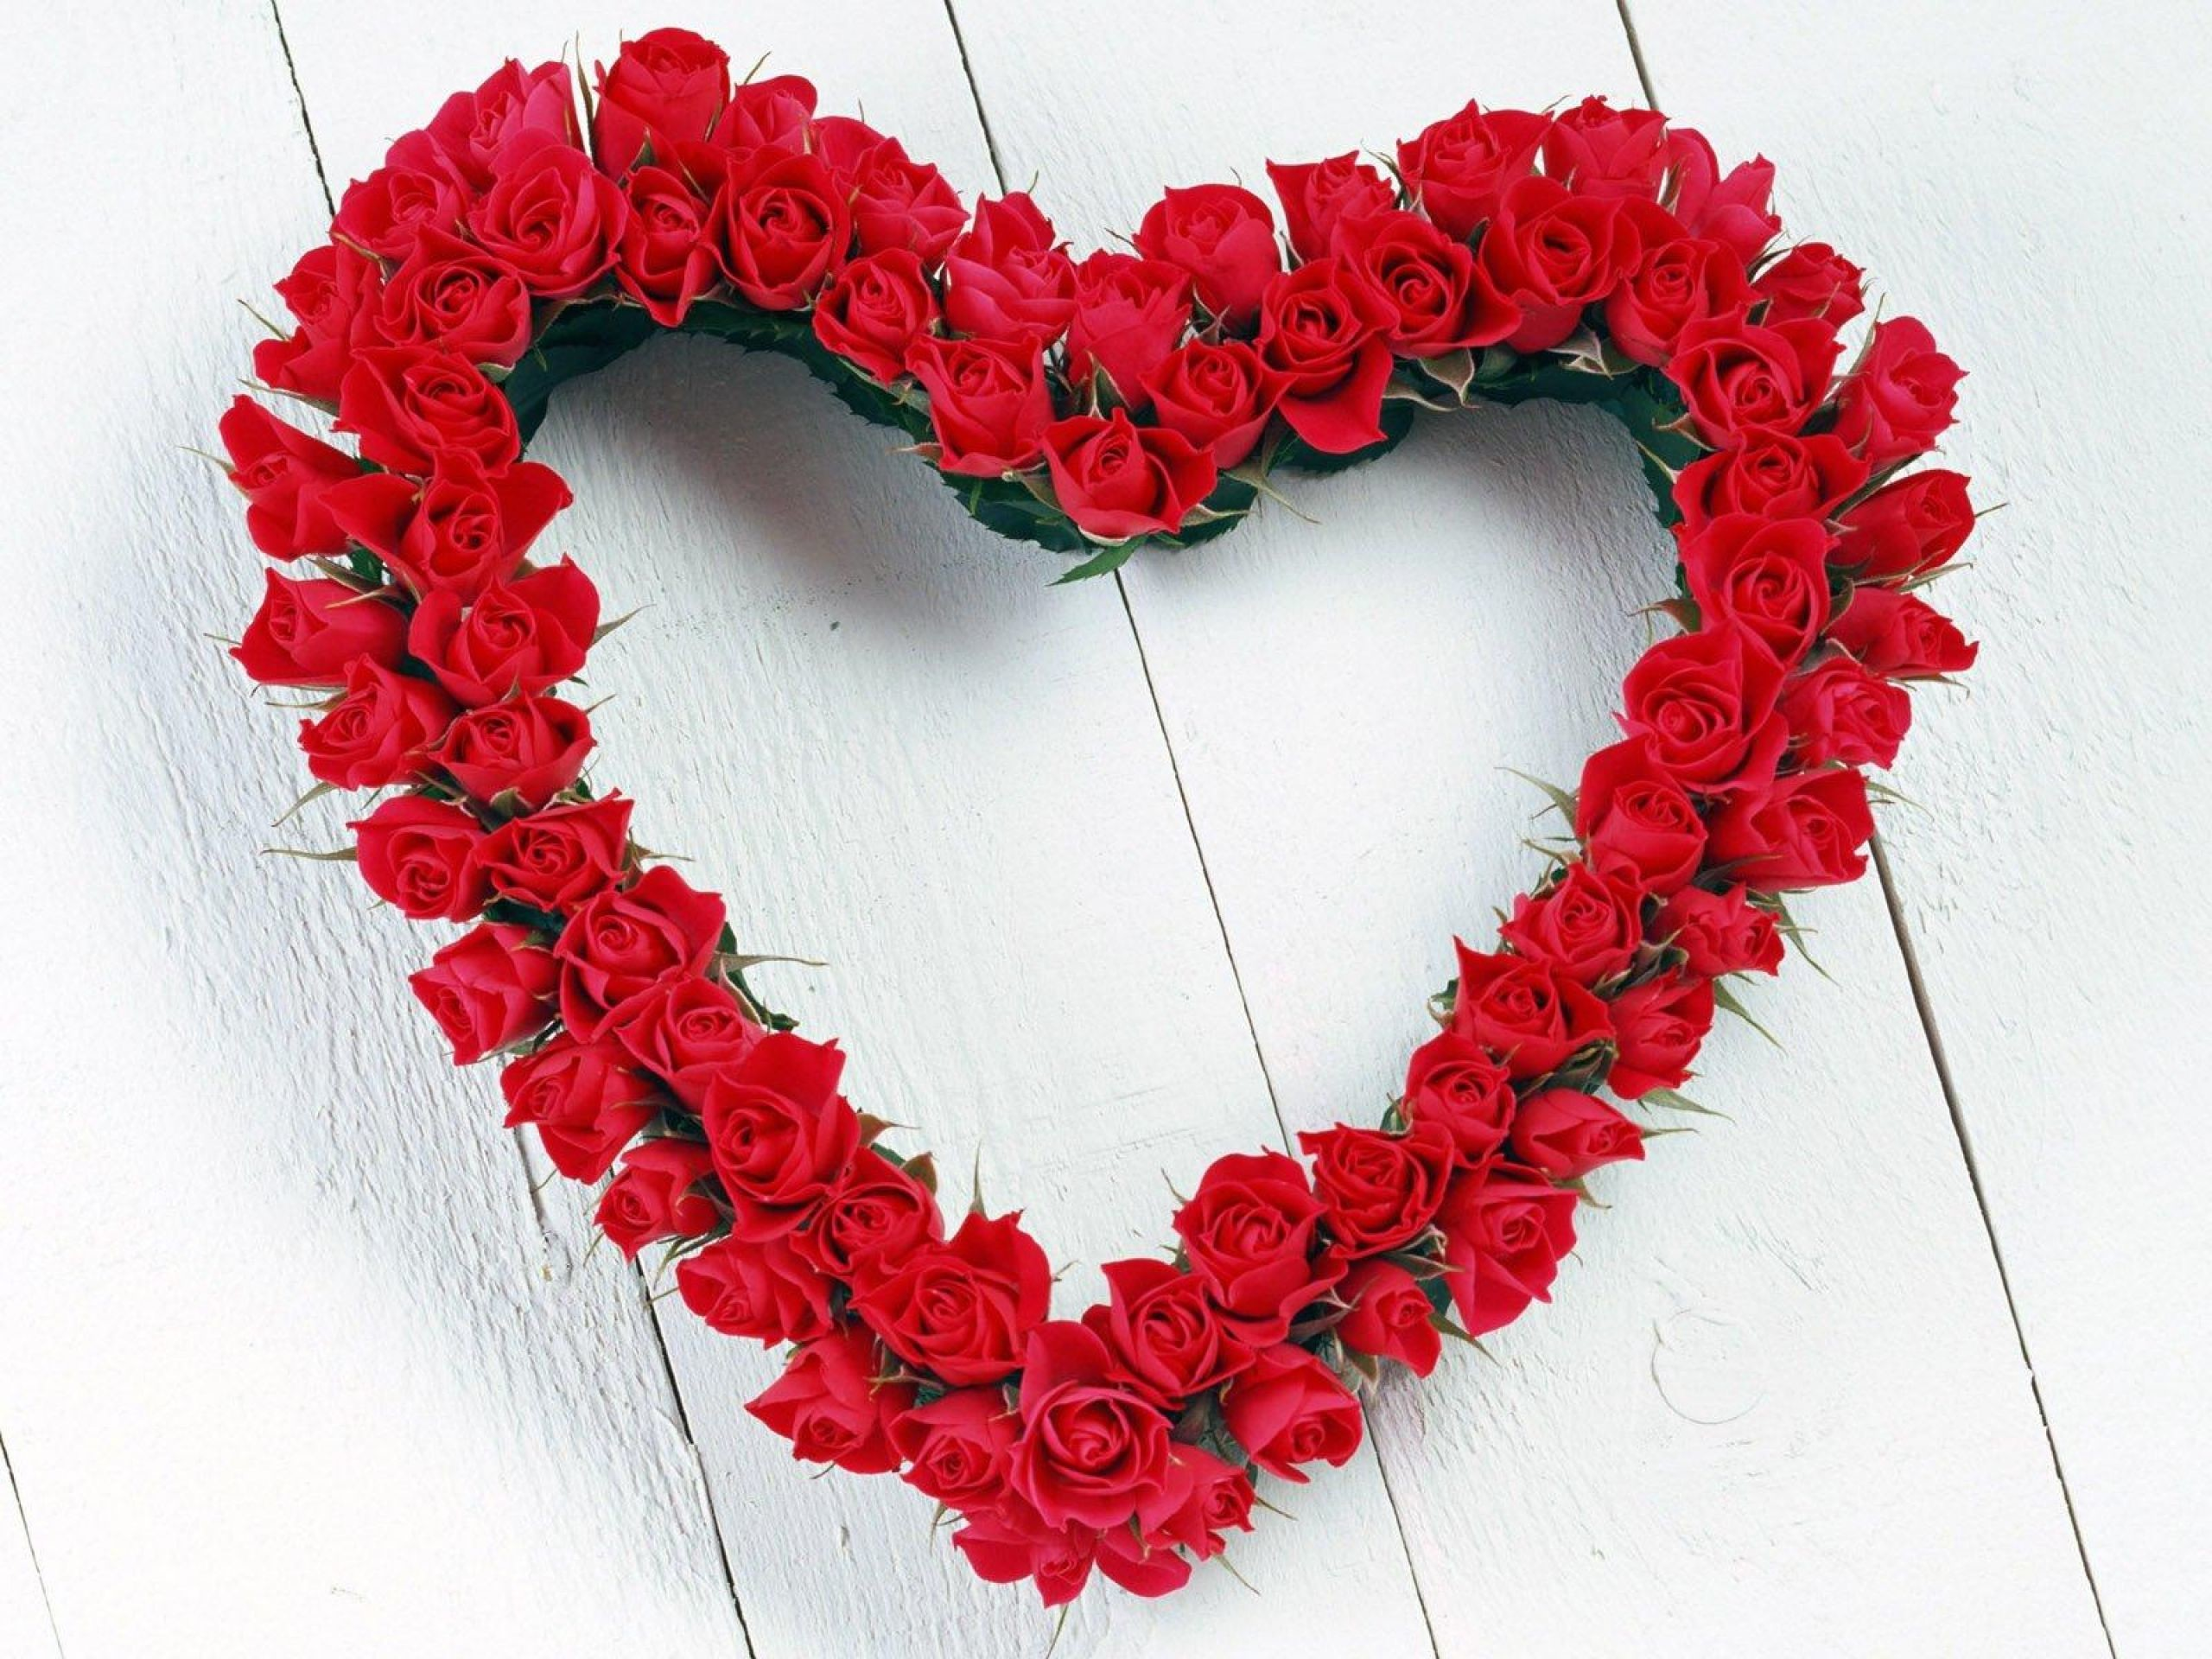 heart-shaped-red-rose-flower-arrangement-hd-wallpaper